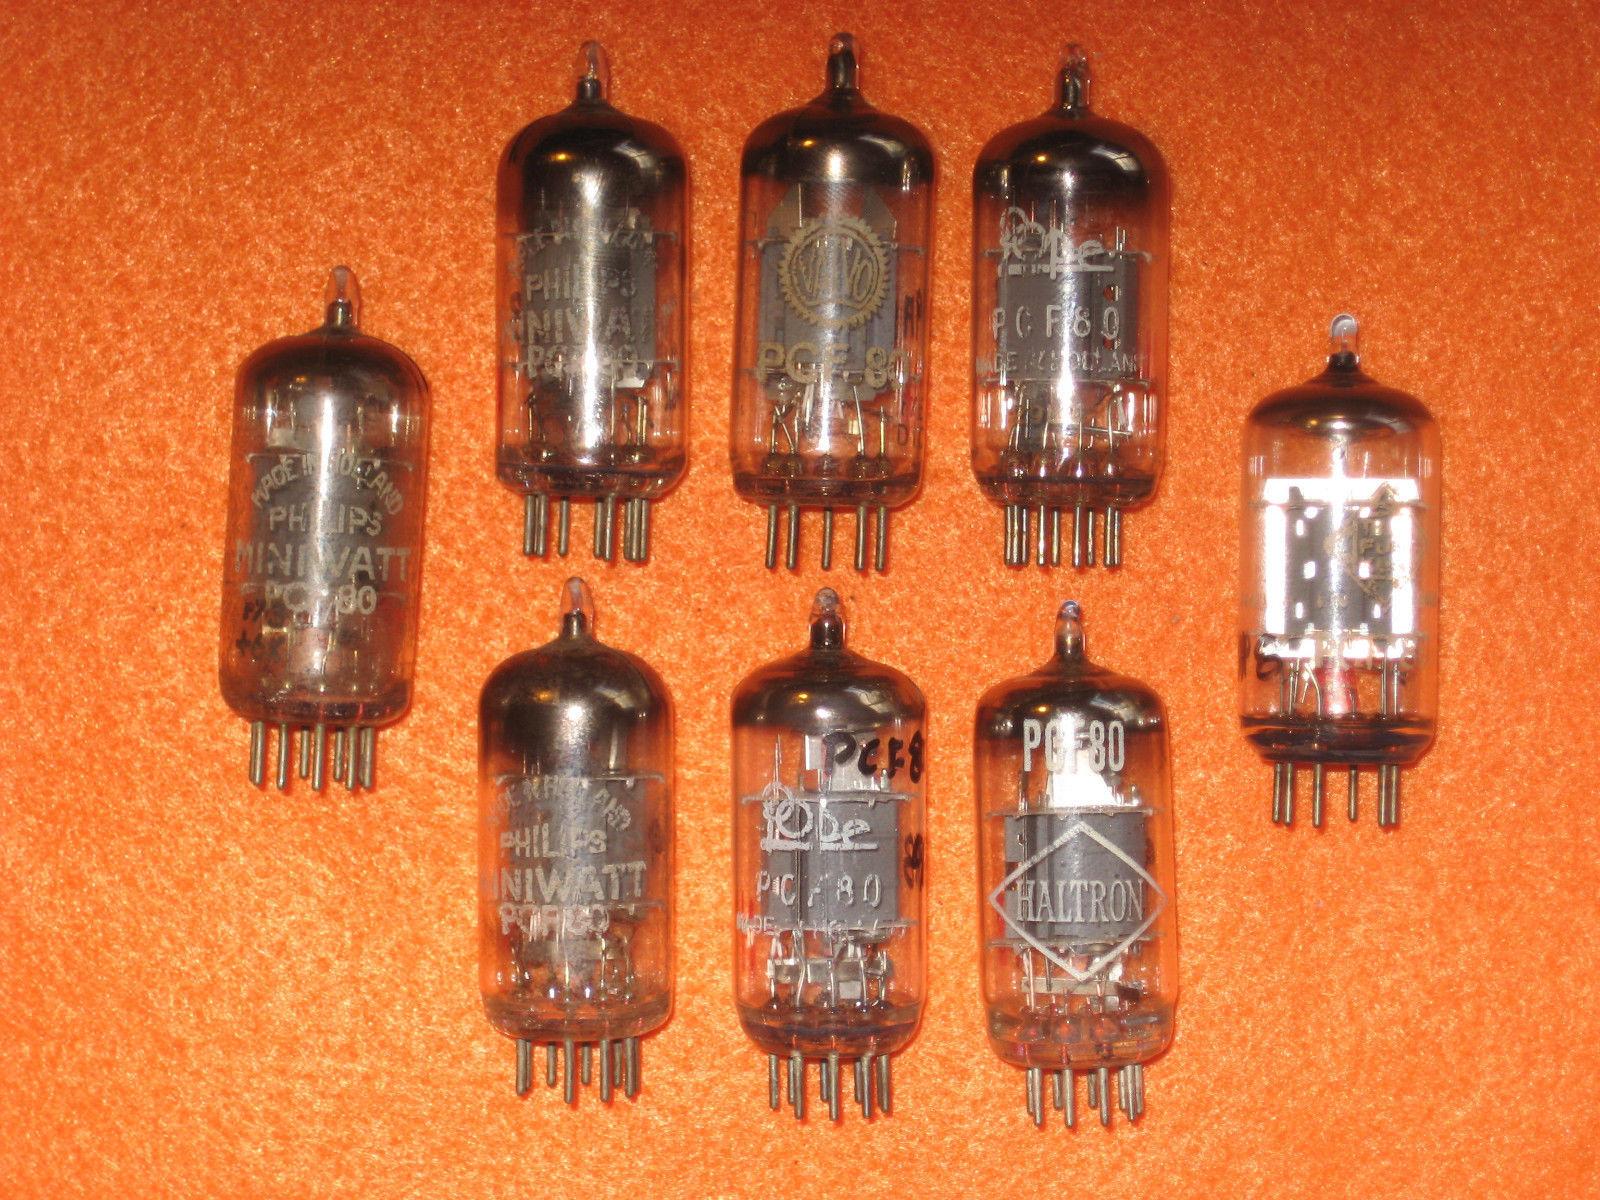 Vintage Radio Vacuum Tube (one): PCF80 - Tested Good